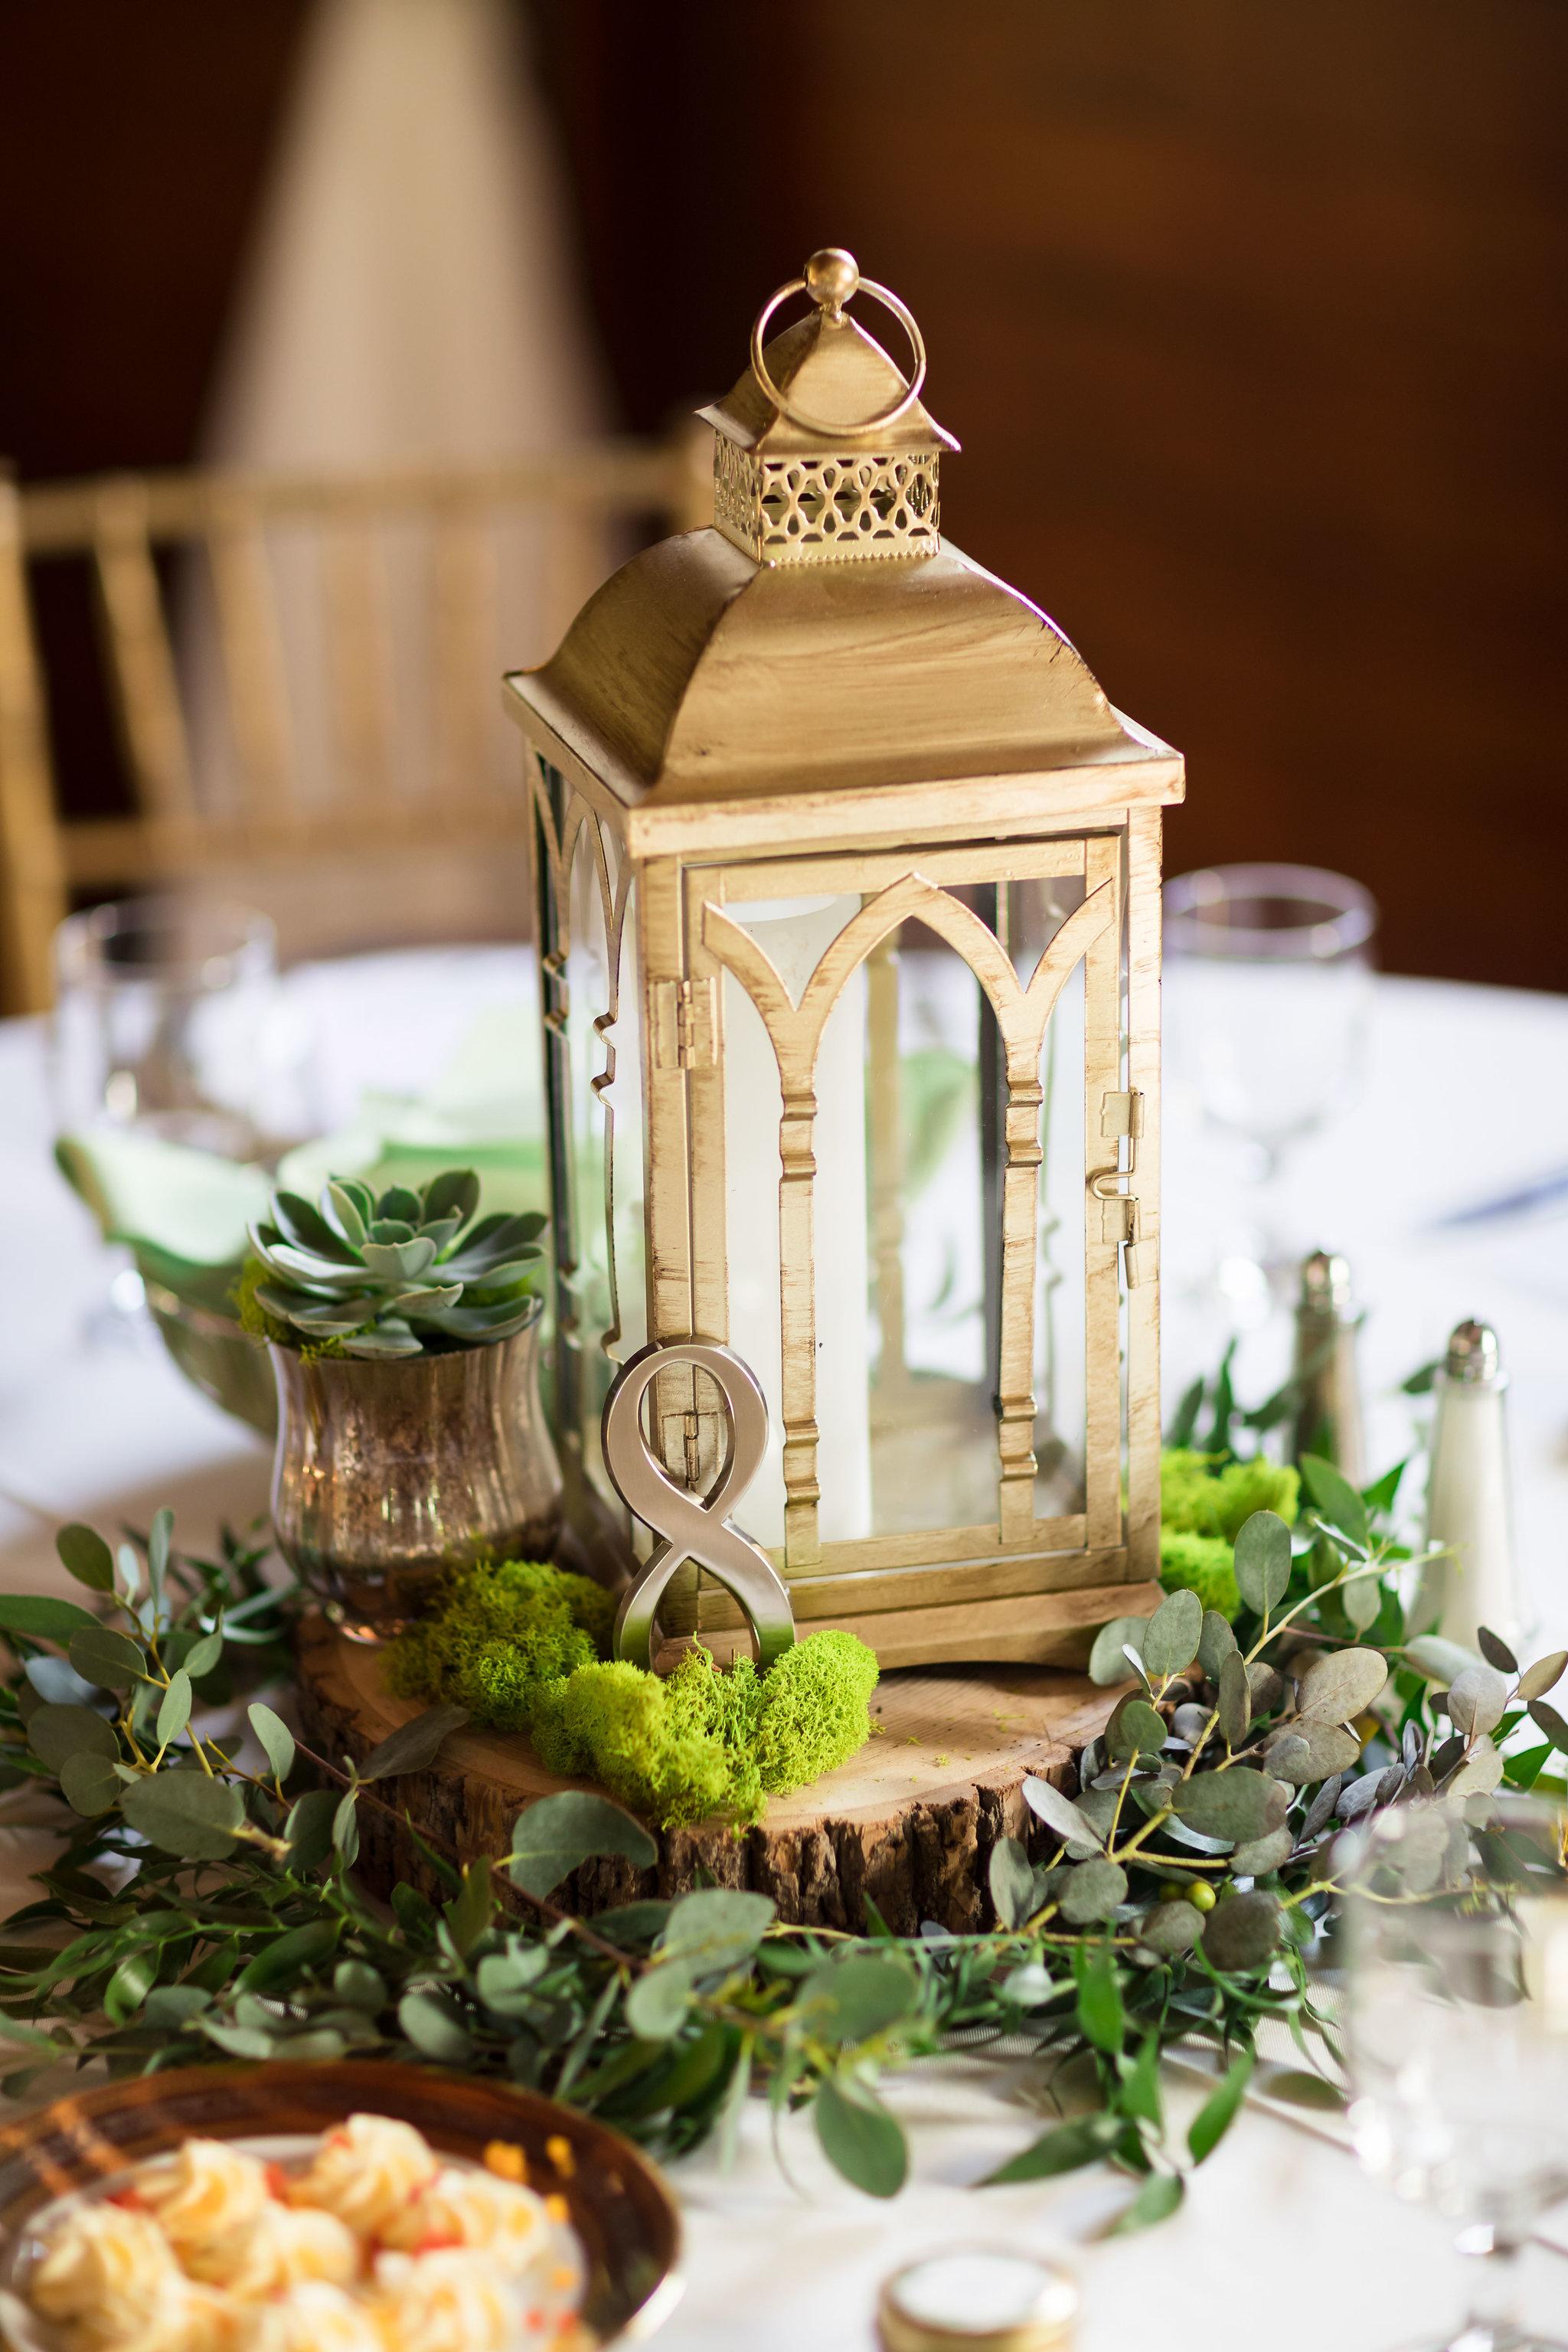 katie-brian-wedding-reception-17.jpg